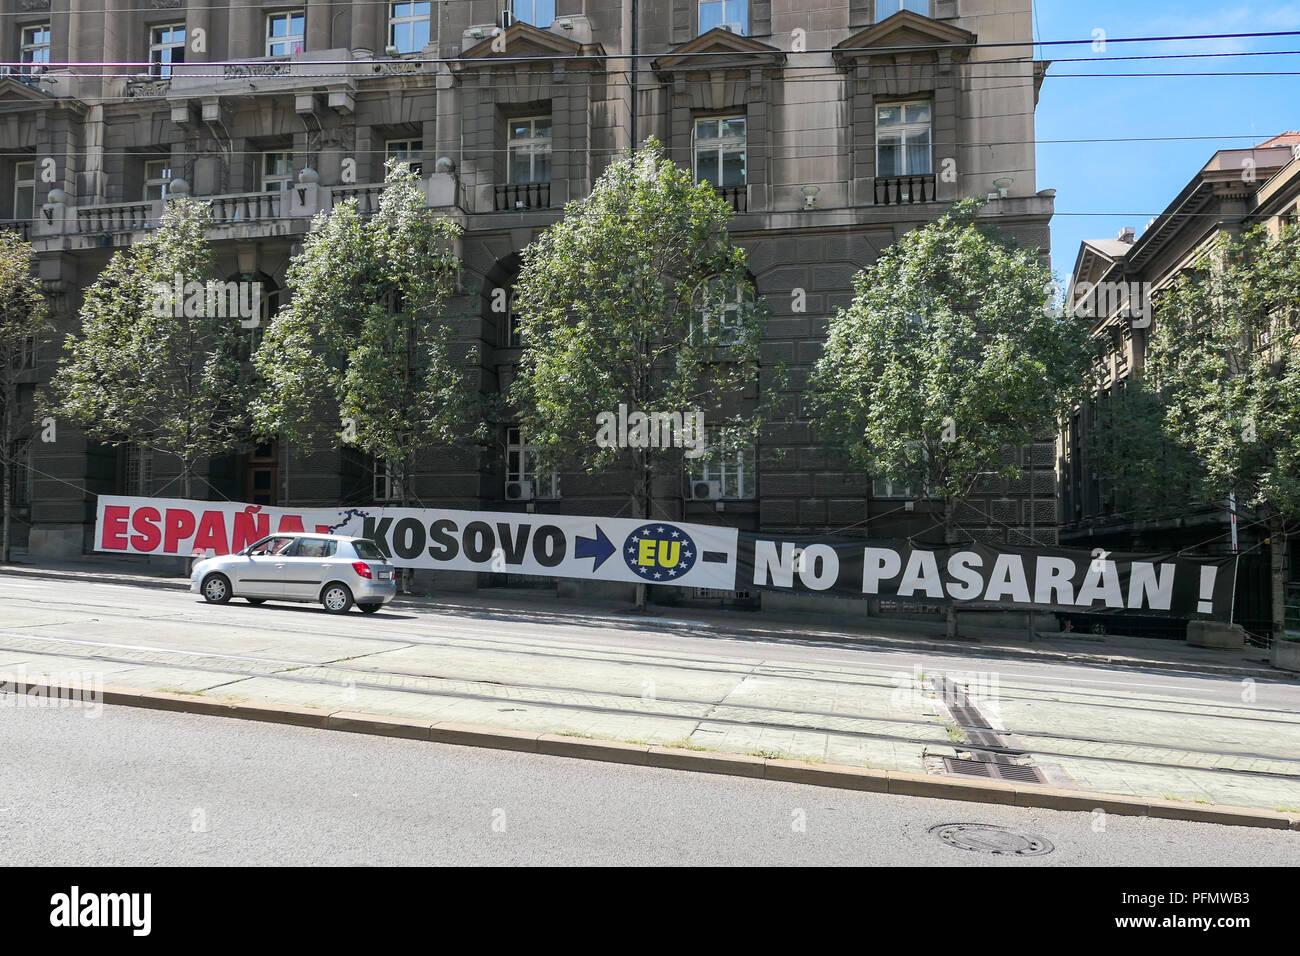 """""""Espana - Kosovo - UNIONE EUROPEA - no pasaran' banner a Belgrado in Serbia - opponendosi al Kosovo venga ammesso in UE Immagini Stock"""